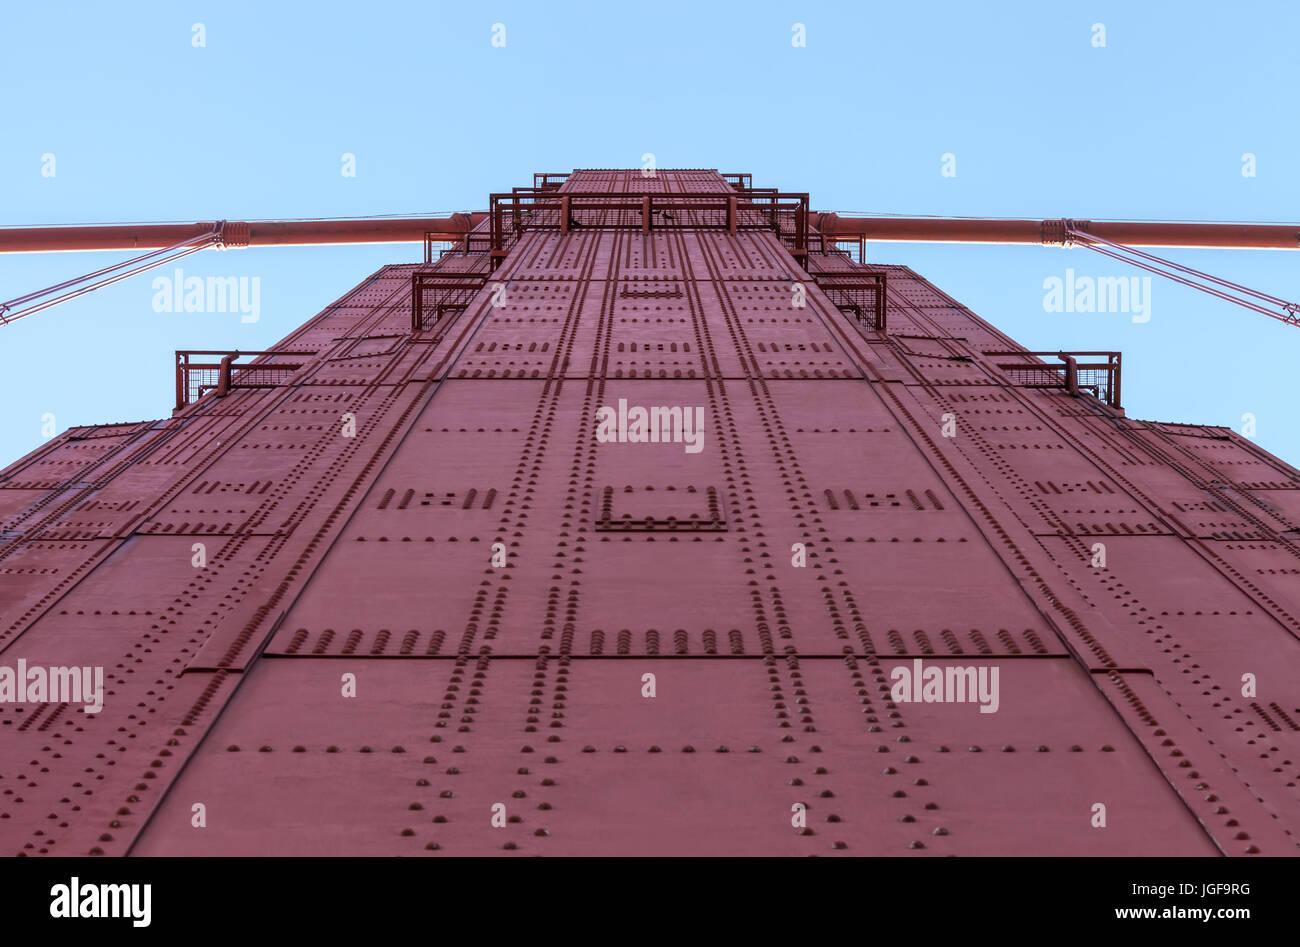 Eine abstrakte Schuß an die Golden Gate Bridge Tower in San Francisco, Kalifornien, USA Stockbild